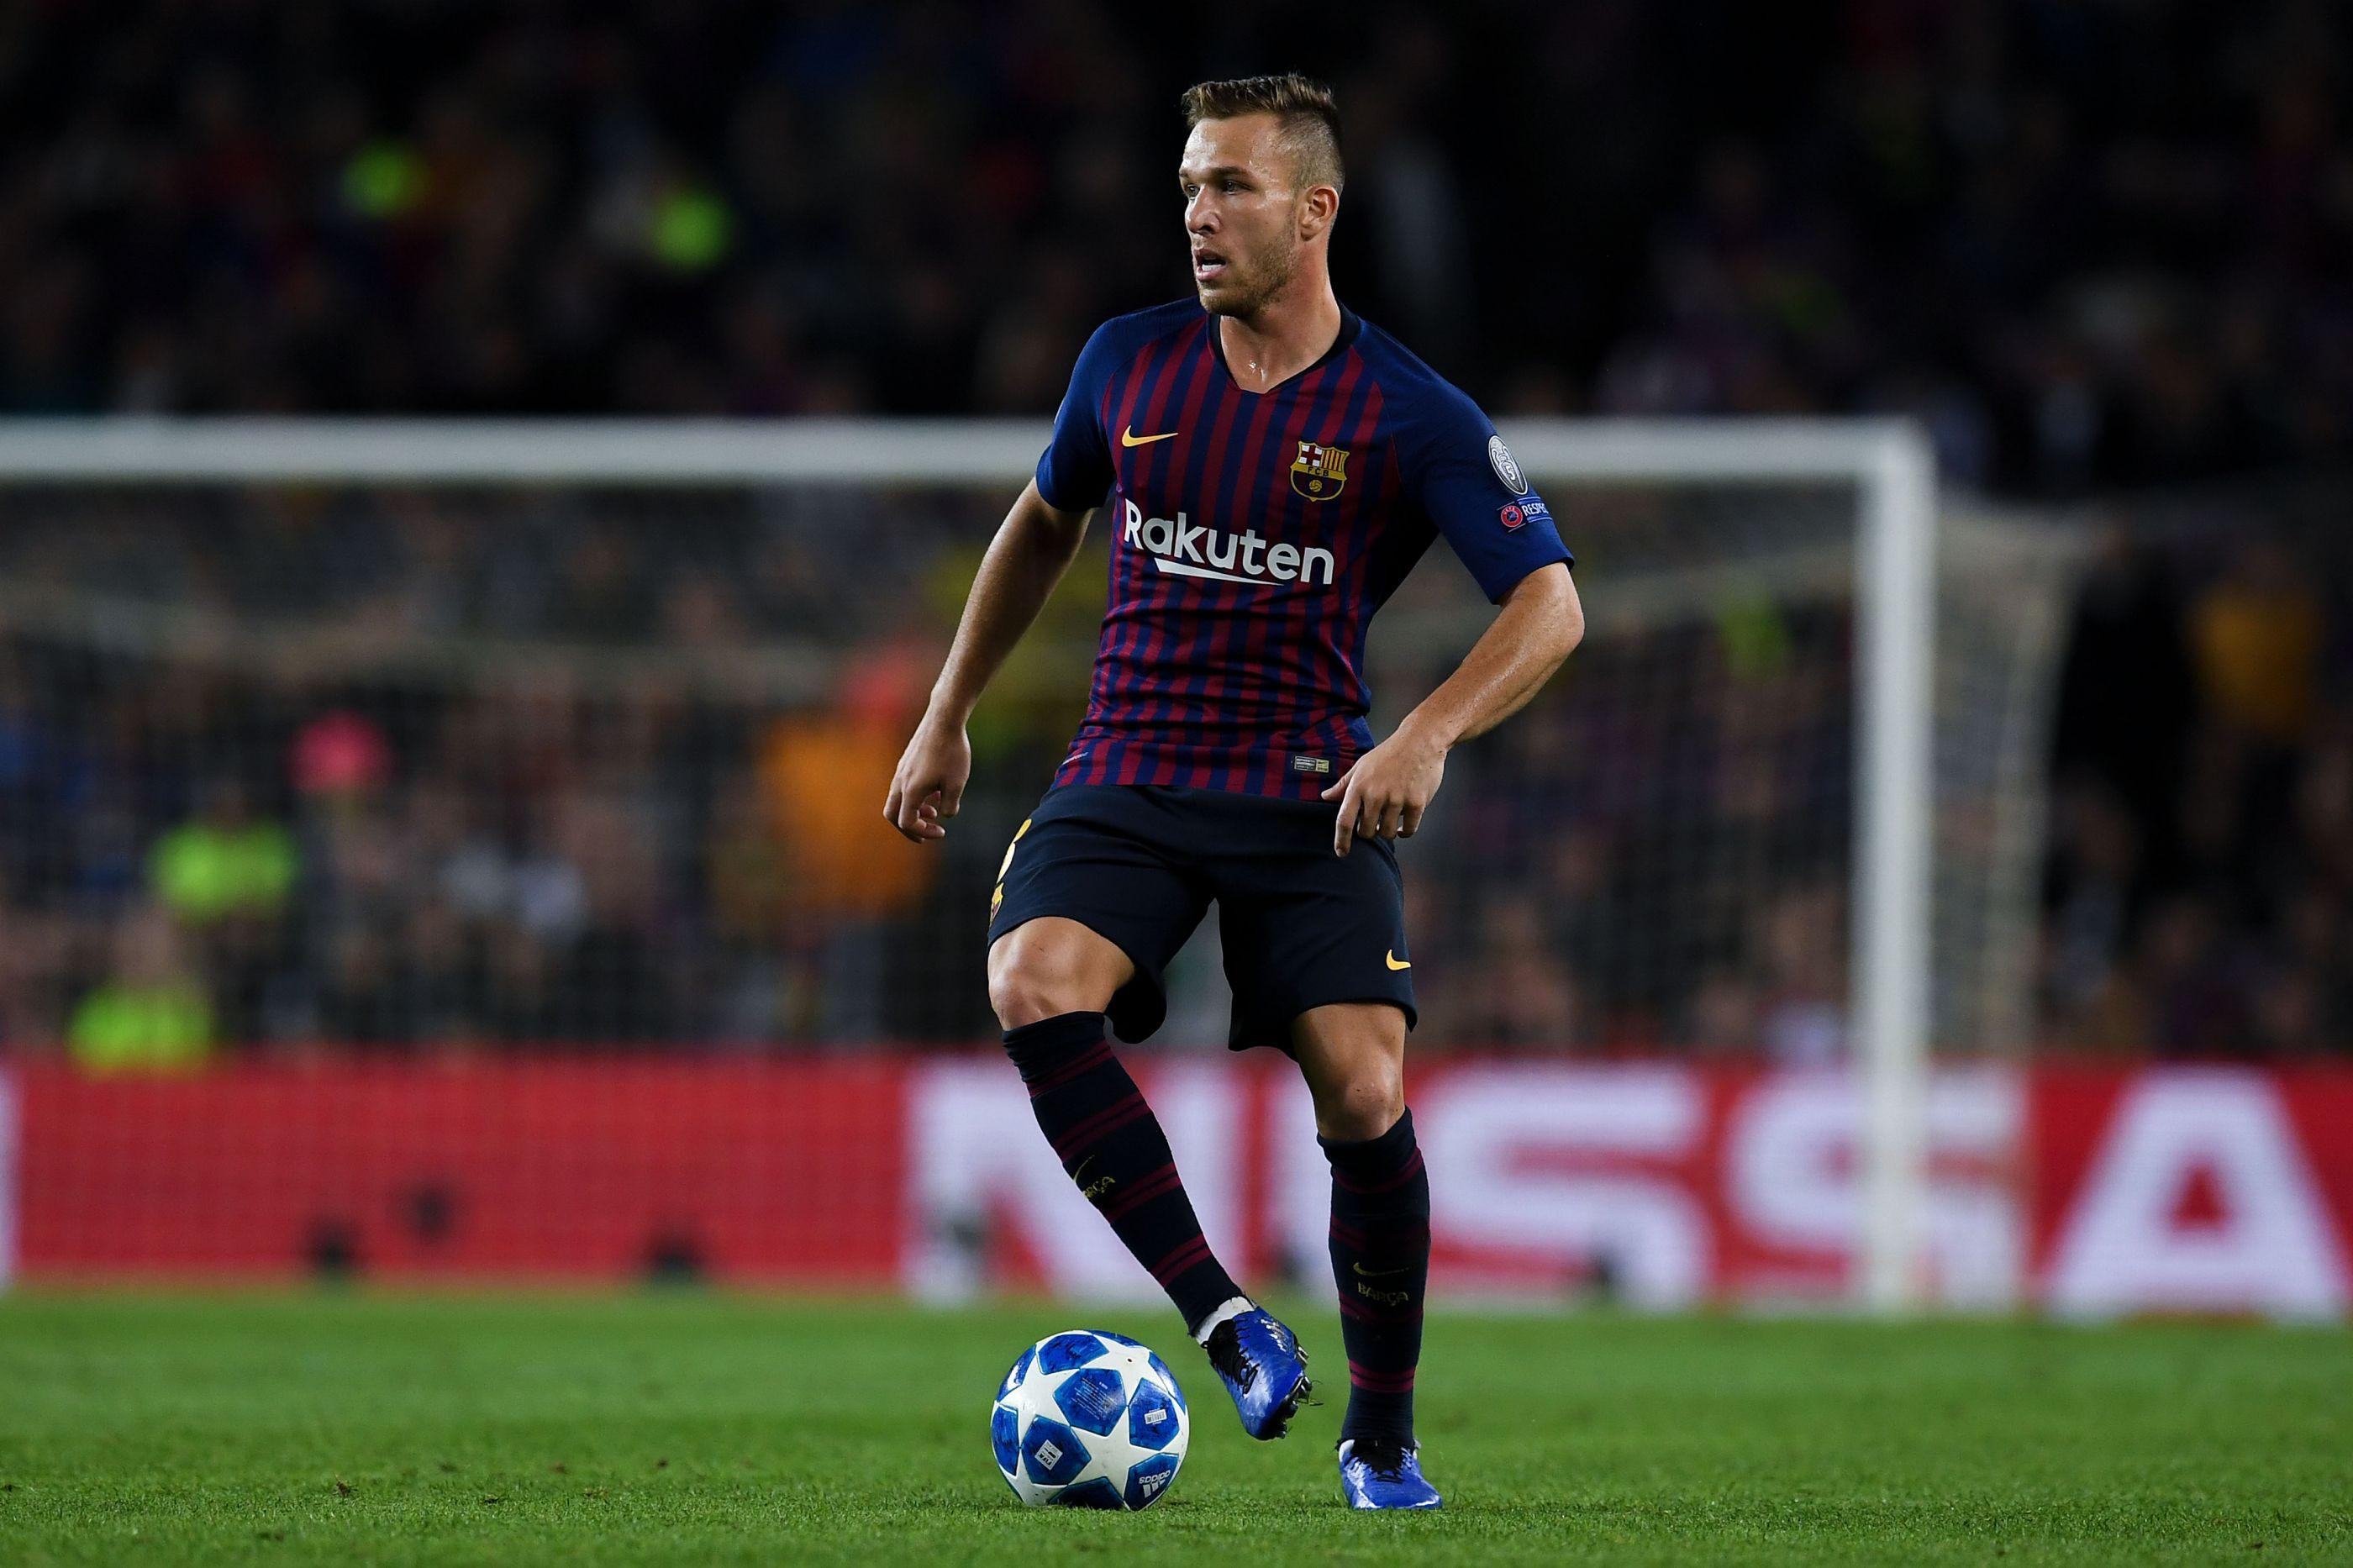 Há dois portugueses na lista das melhores transferências do ano